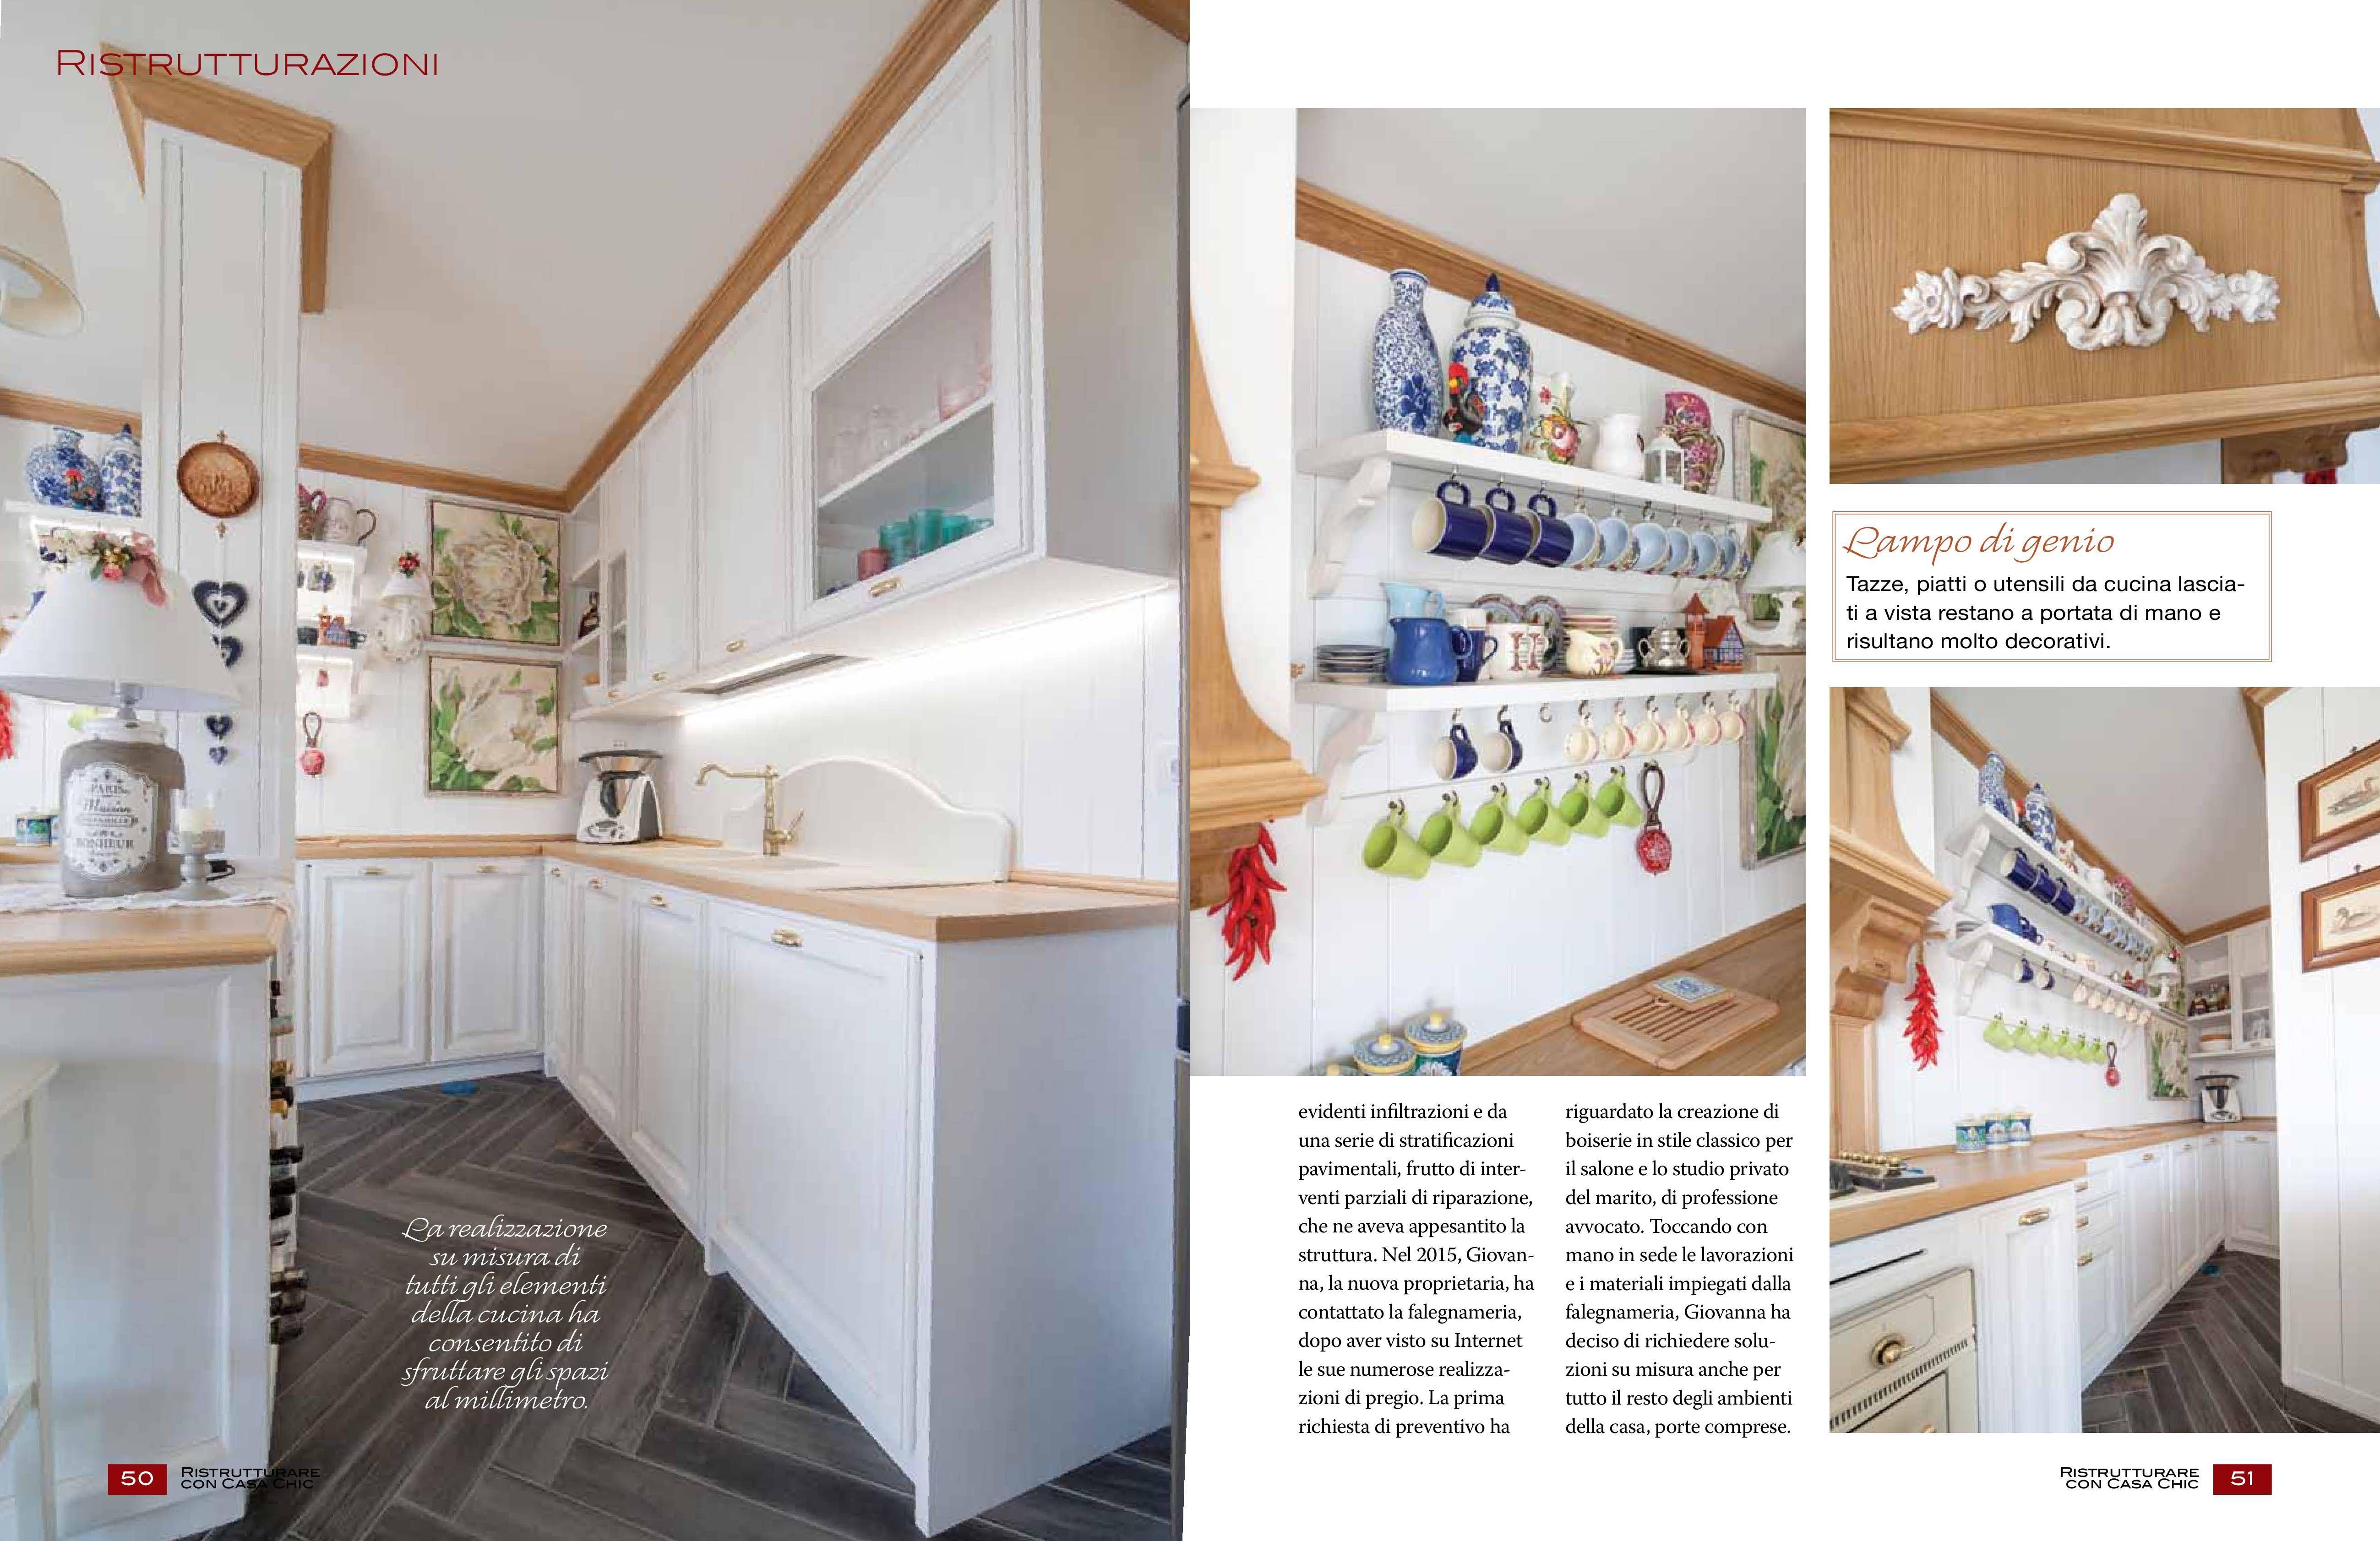 Cucina Su Misura Falegname arredare un attico | arredamento, studio cucina, camera da